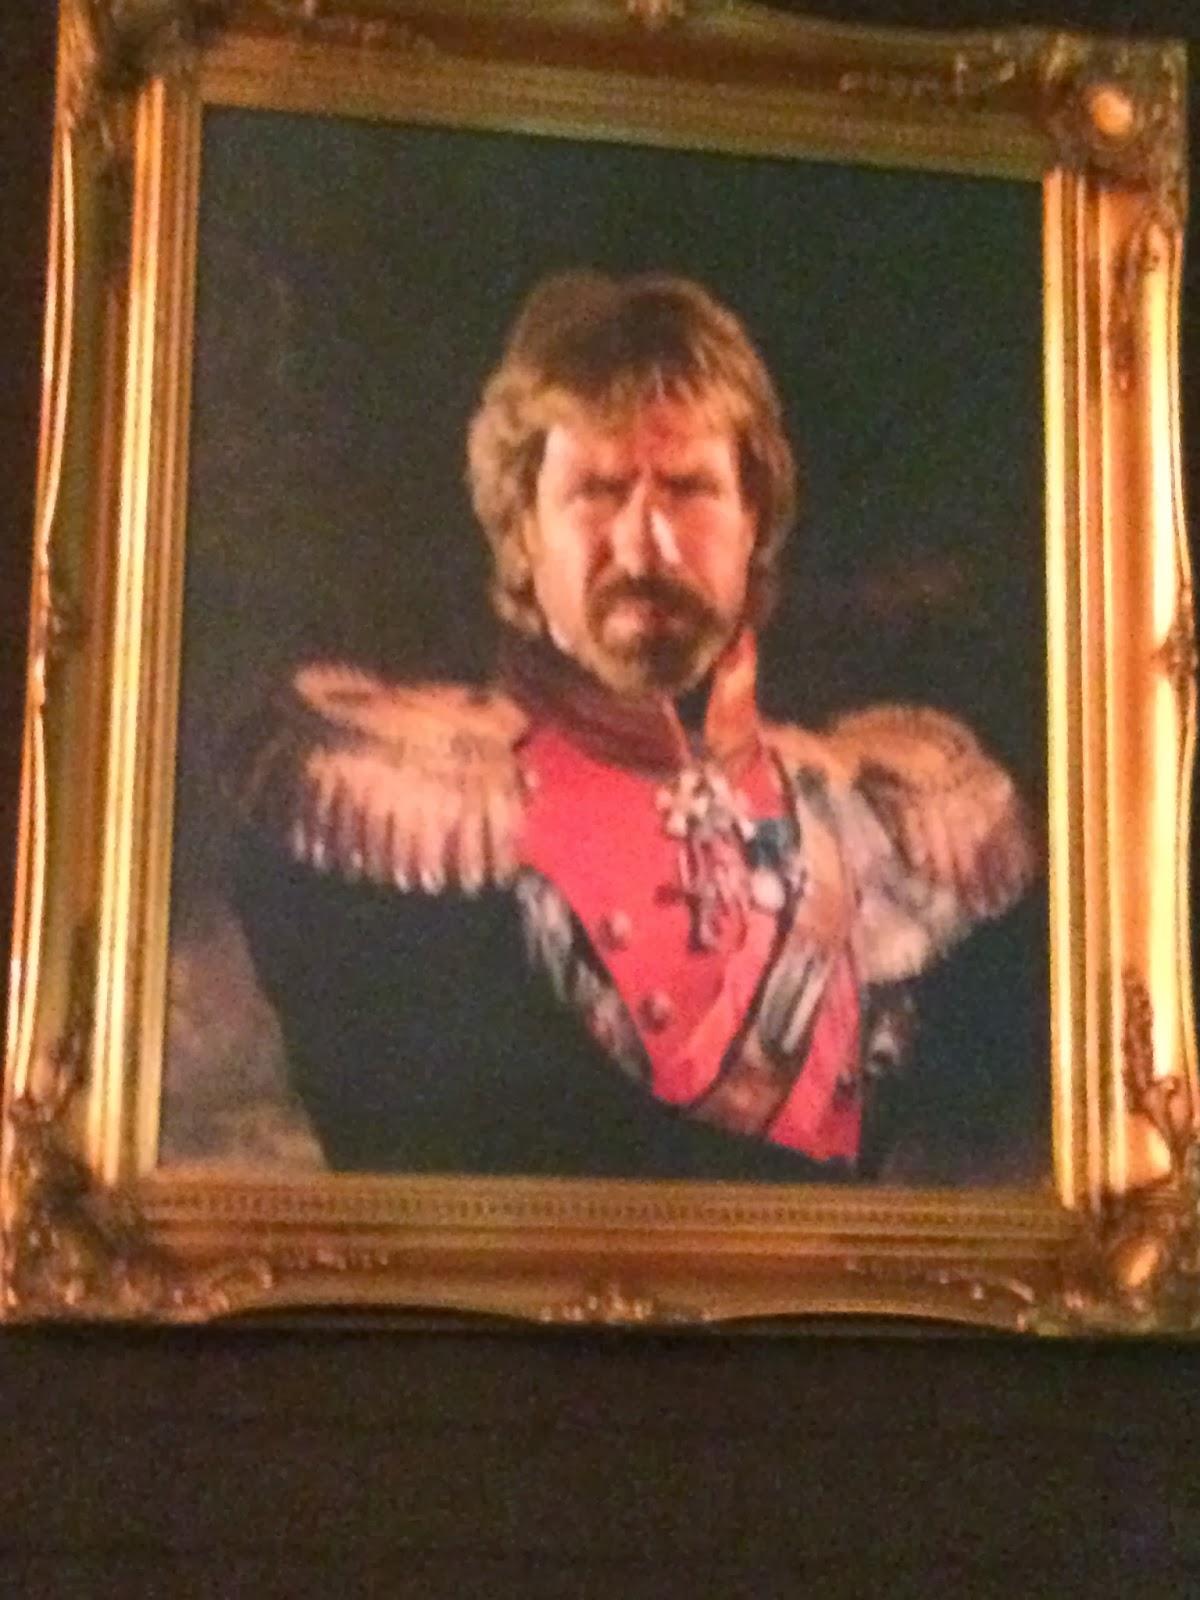 O mais divertido na decoração do lugar são três quadros, com retratos de Bruce Lee, Chuck Norris e Keith Richards vestidos com uniformes militares antigos. Muito bacana!